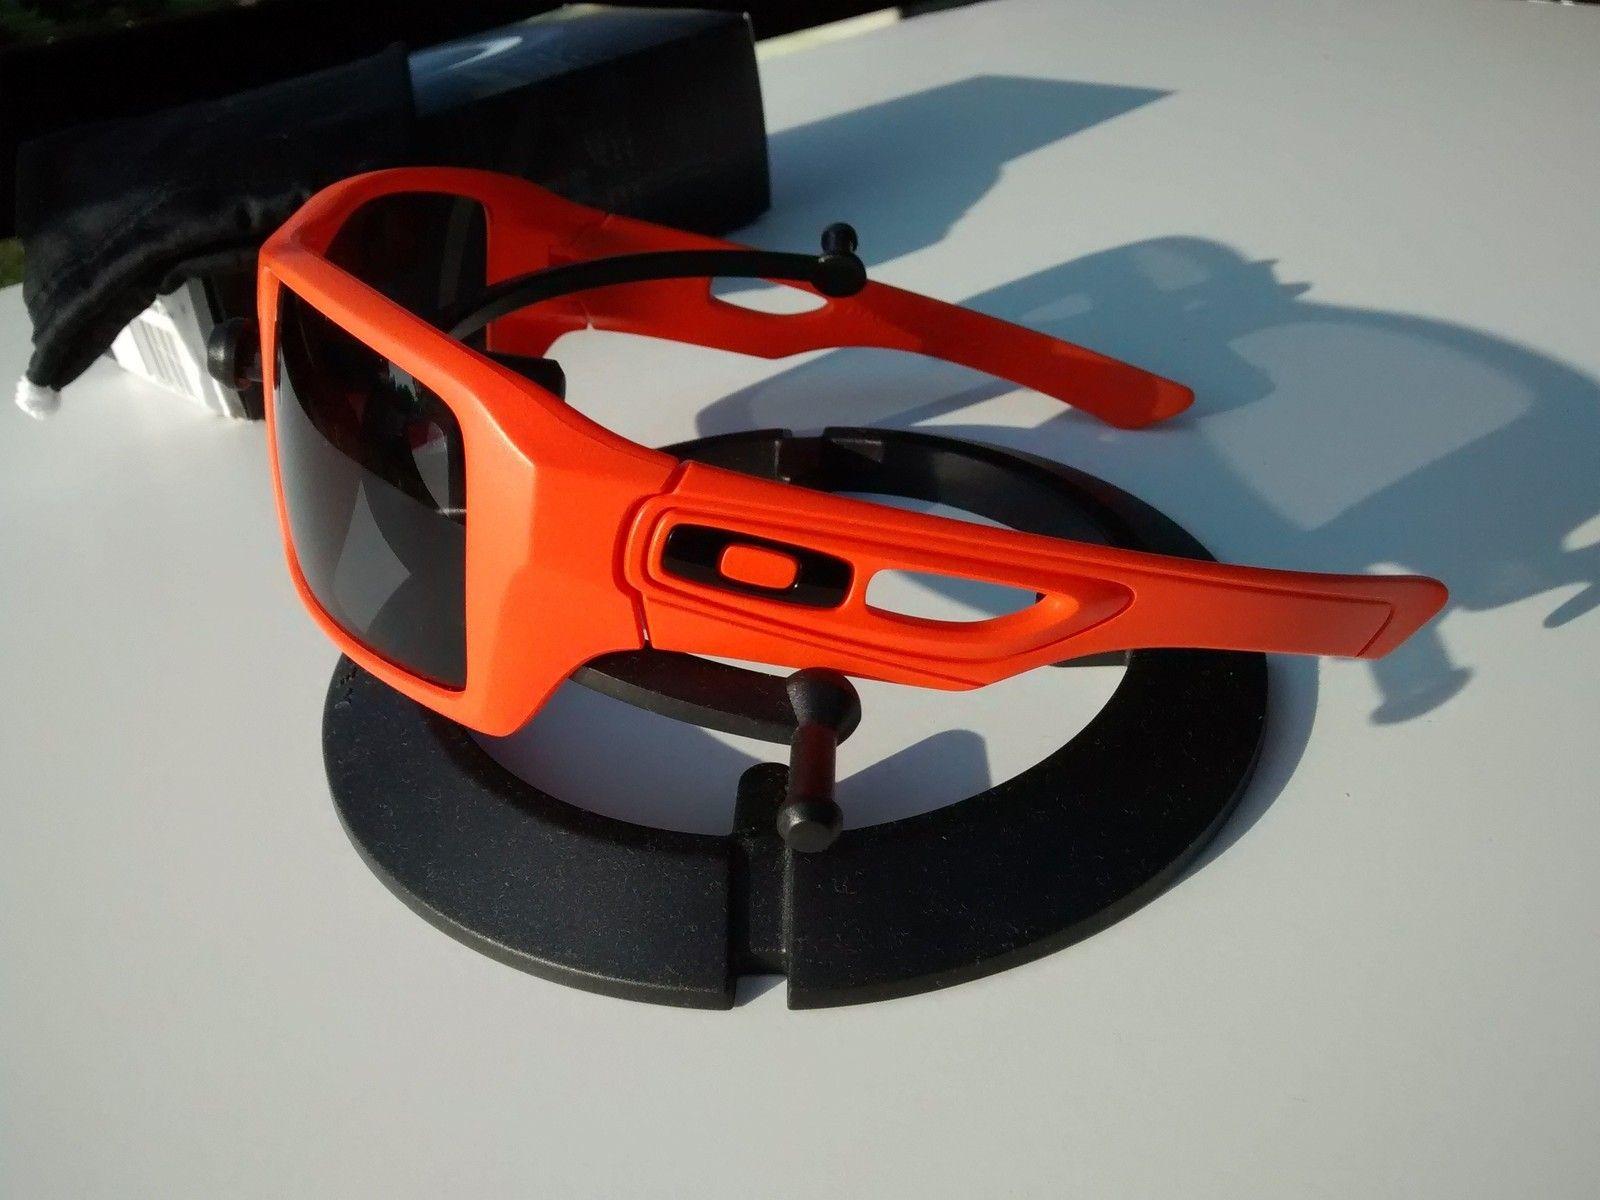 Safety Orange Cerakote Eyepatch 2 - 06SePLz.jpg